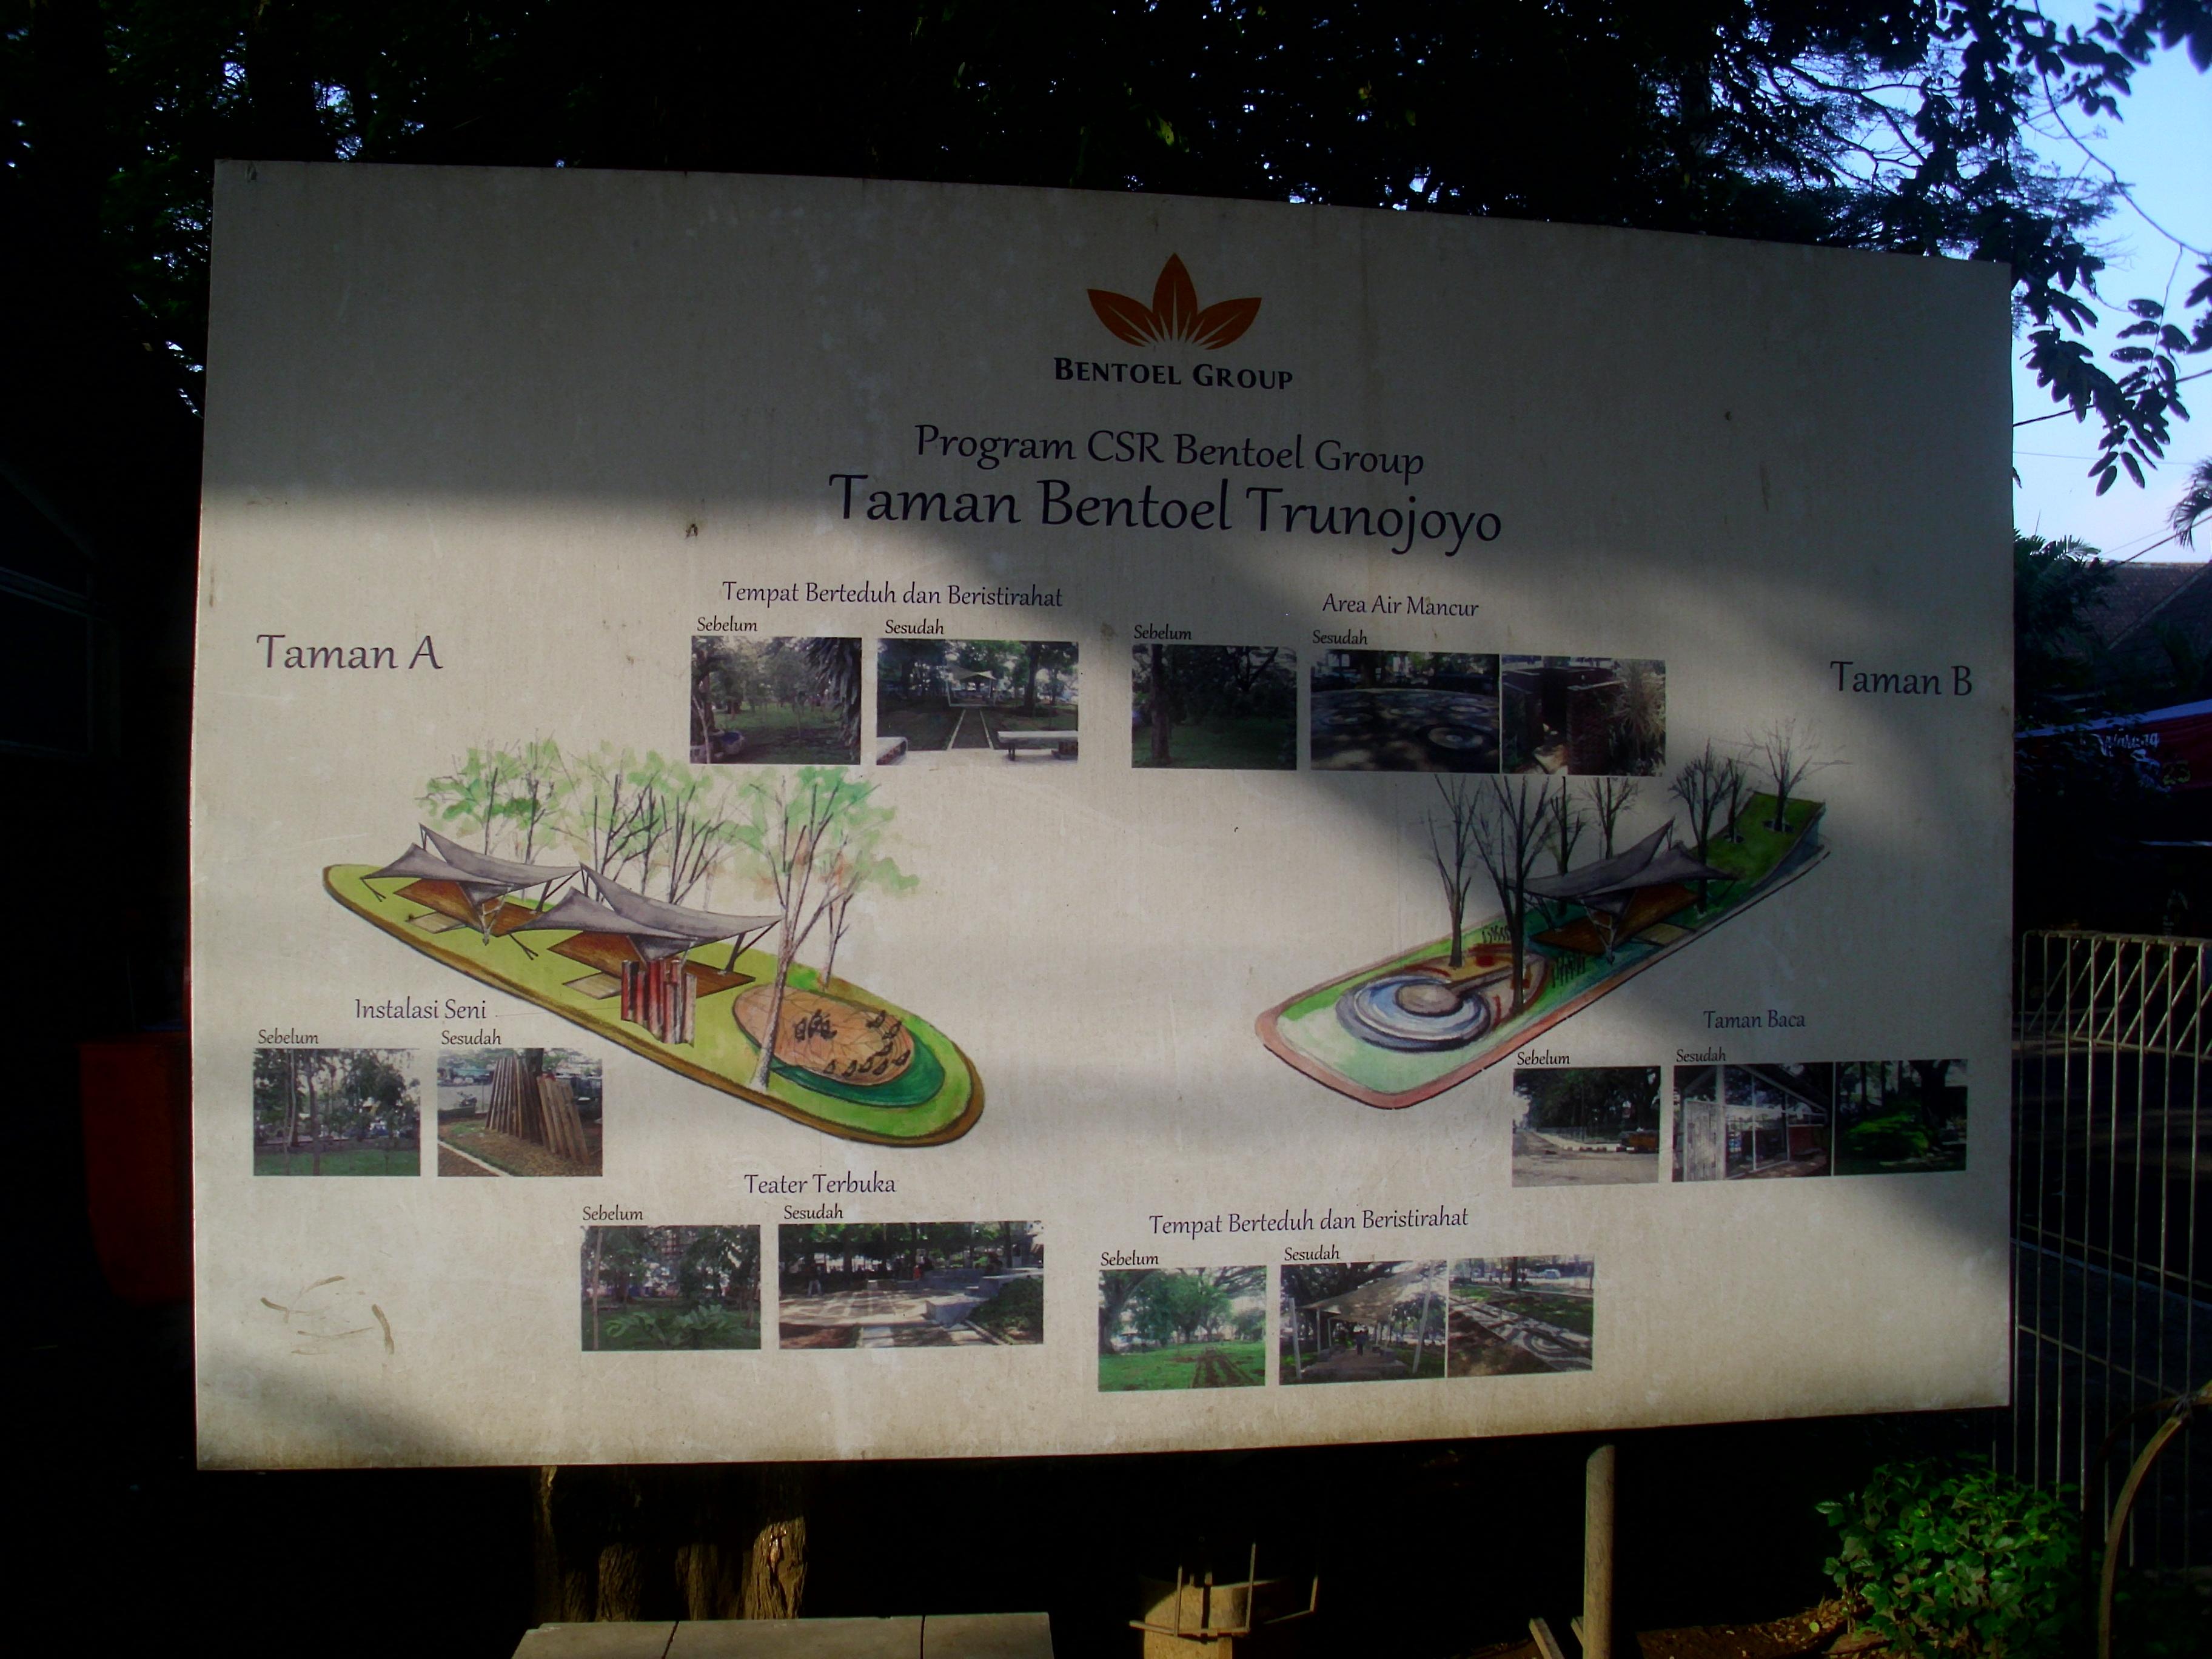 Taman Cerdas Bentoel Trunojoyo Malang Indah Sagst Denah Kota